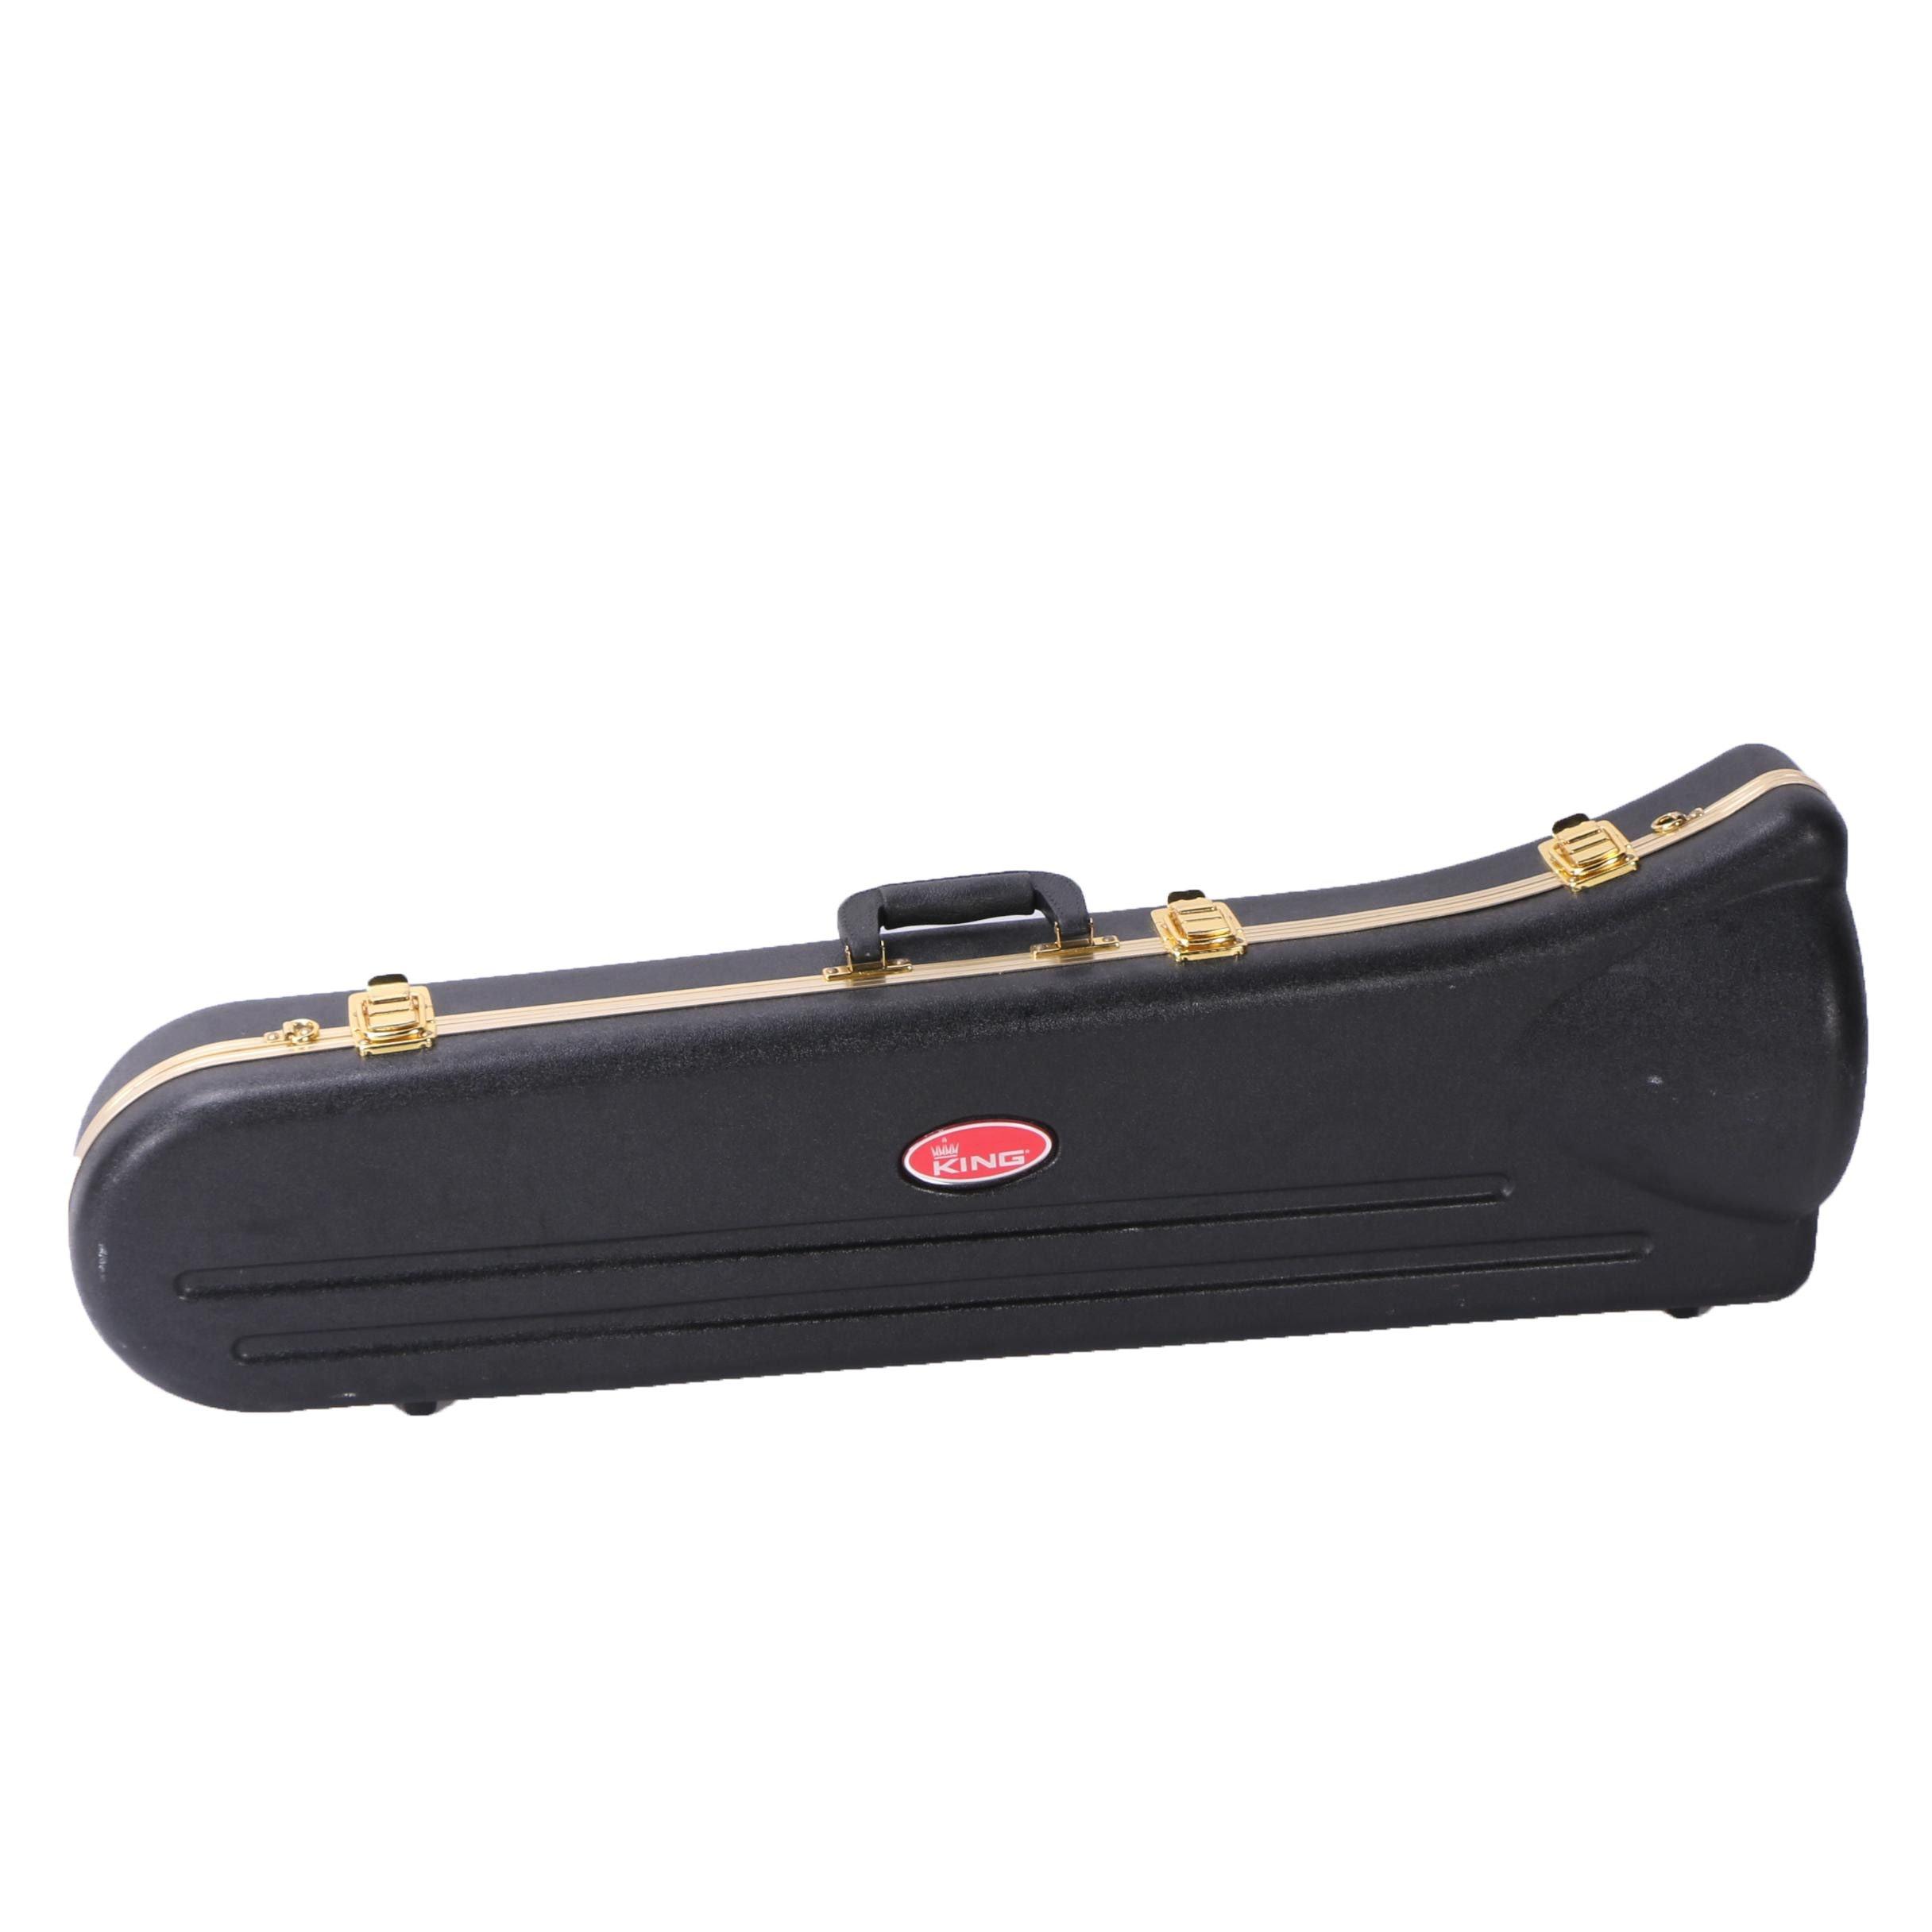 King Trombone with Hardshell Case